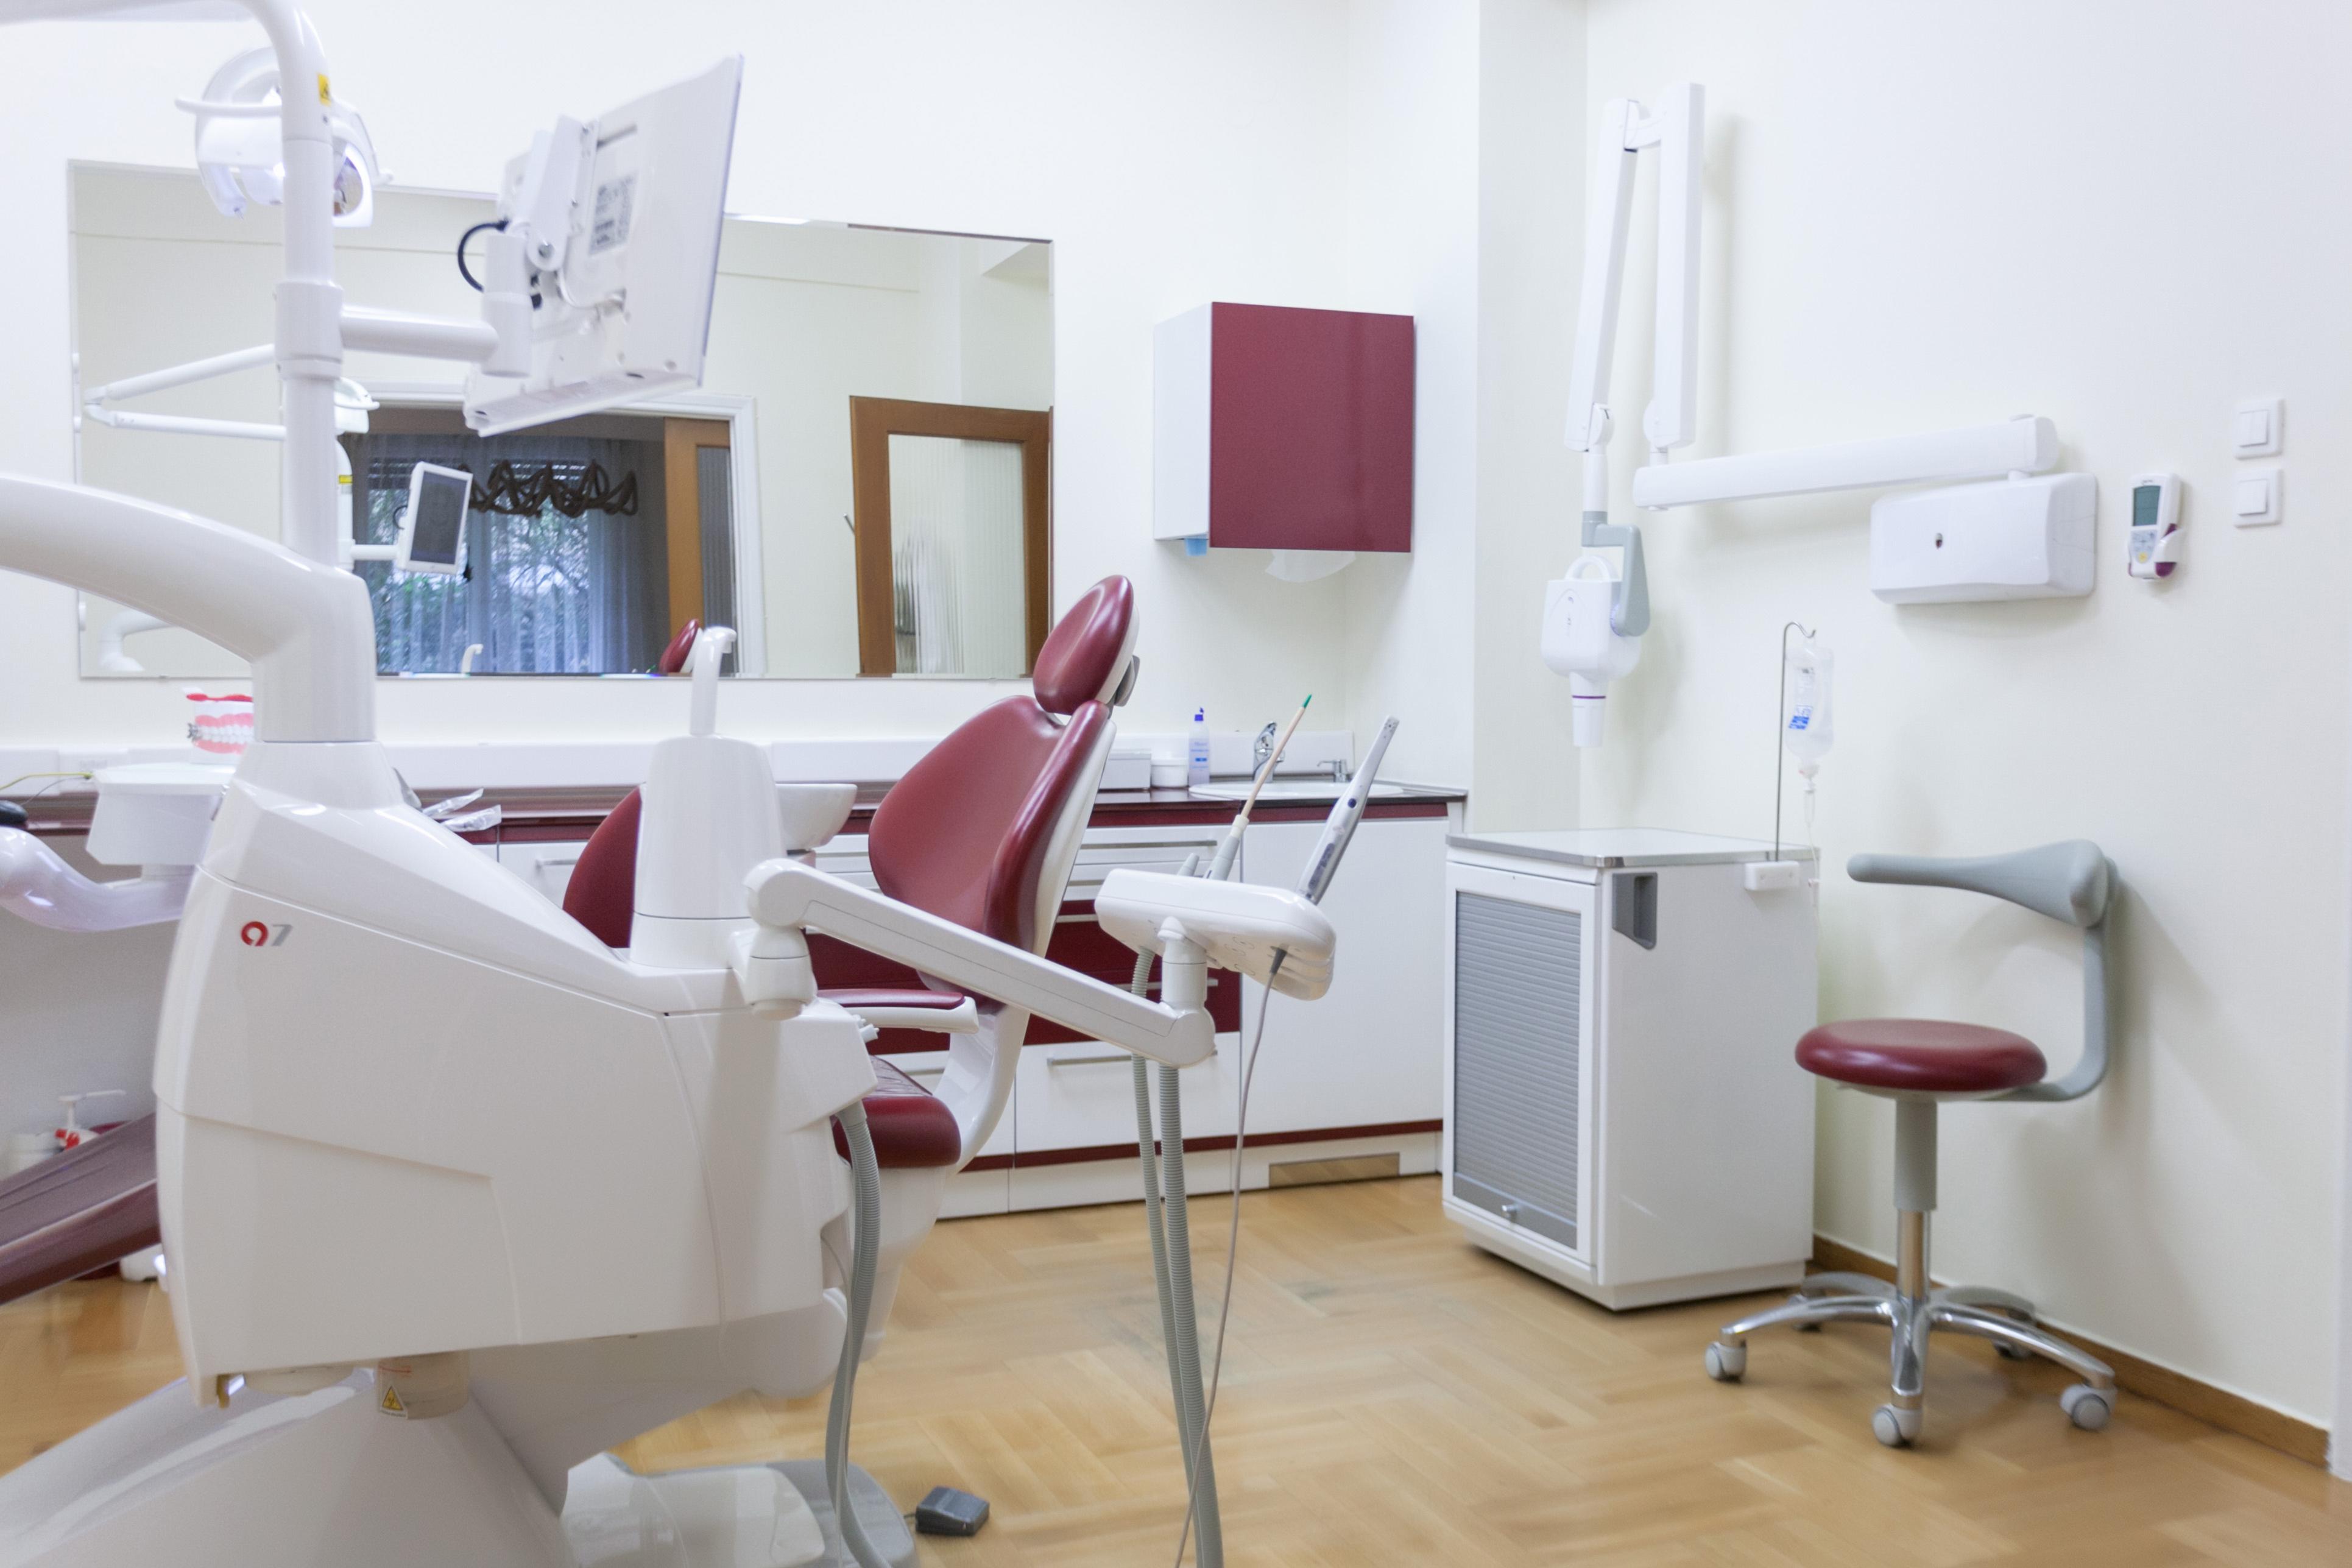 οδοντιατρικη περιθαλψη | dentalsmiles.gr